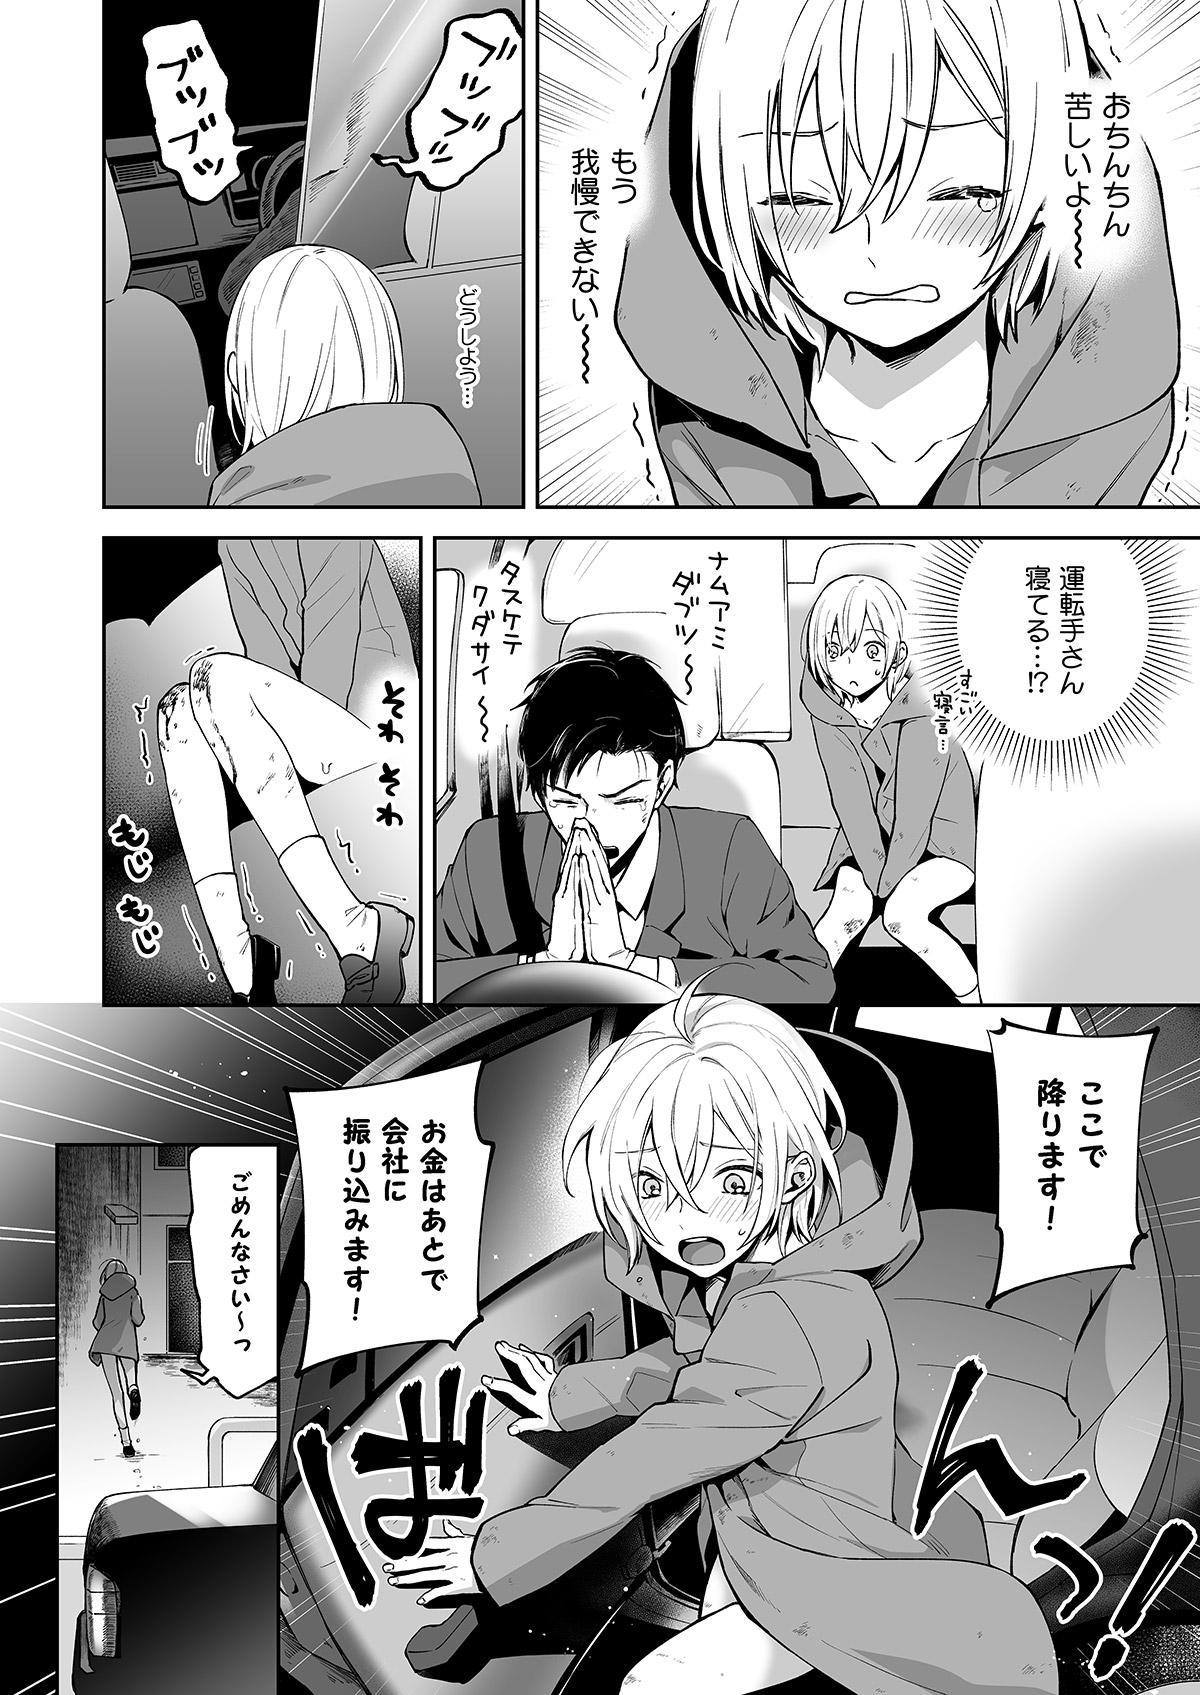 オナ兄さん・夜のおさんぽ露出 27